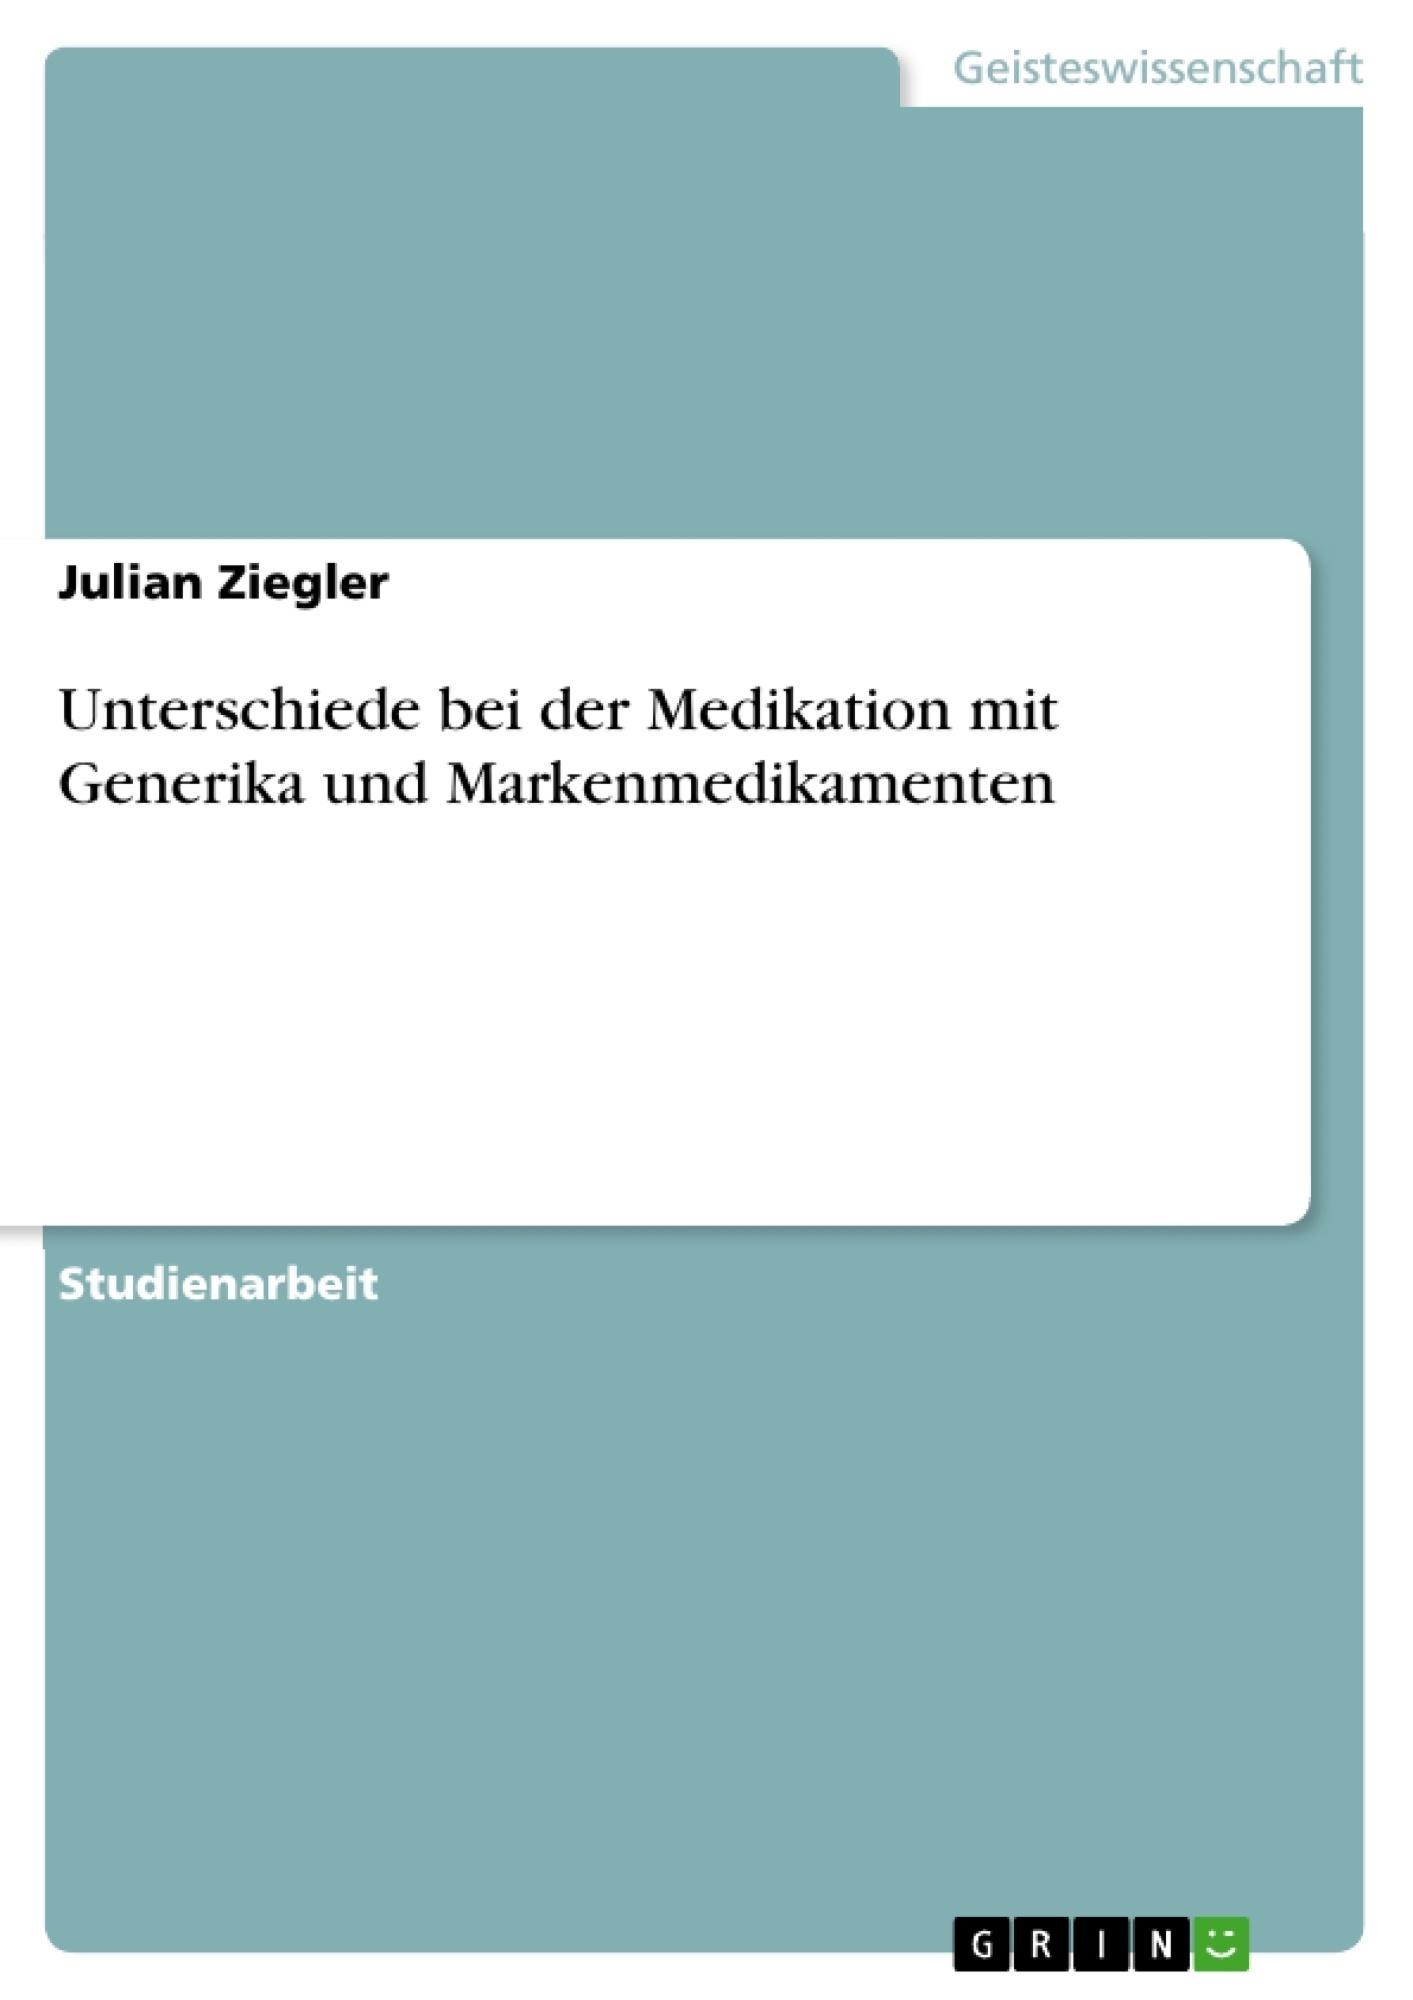 Titel: Unterschiede bei der Medikation mit  Generika und Markenmedikamenten